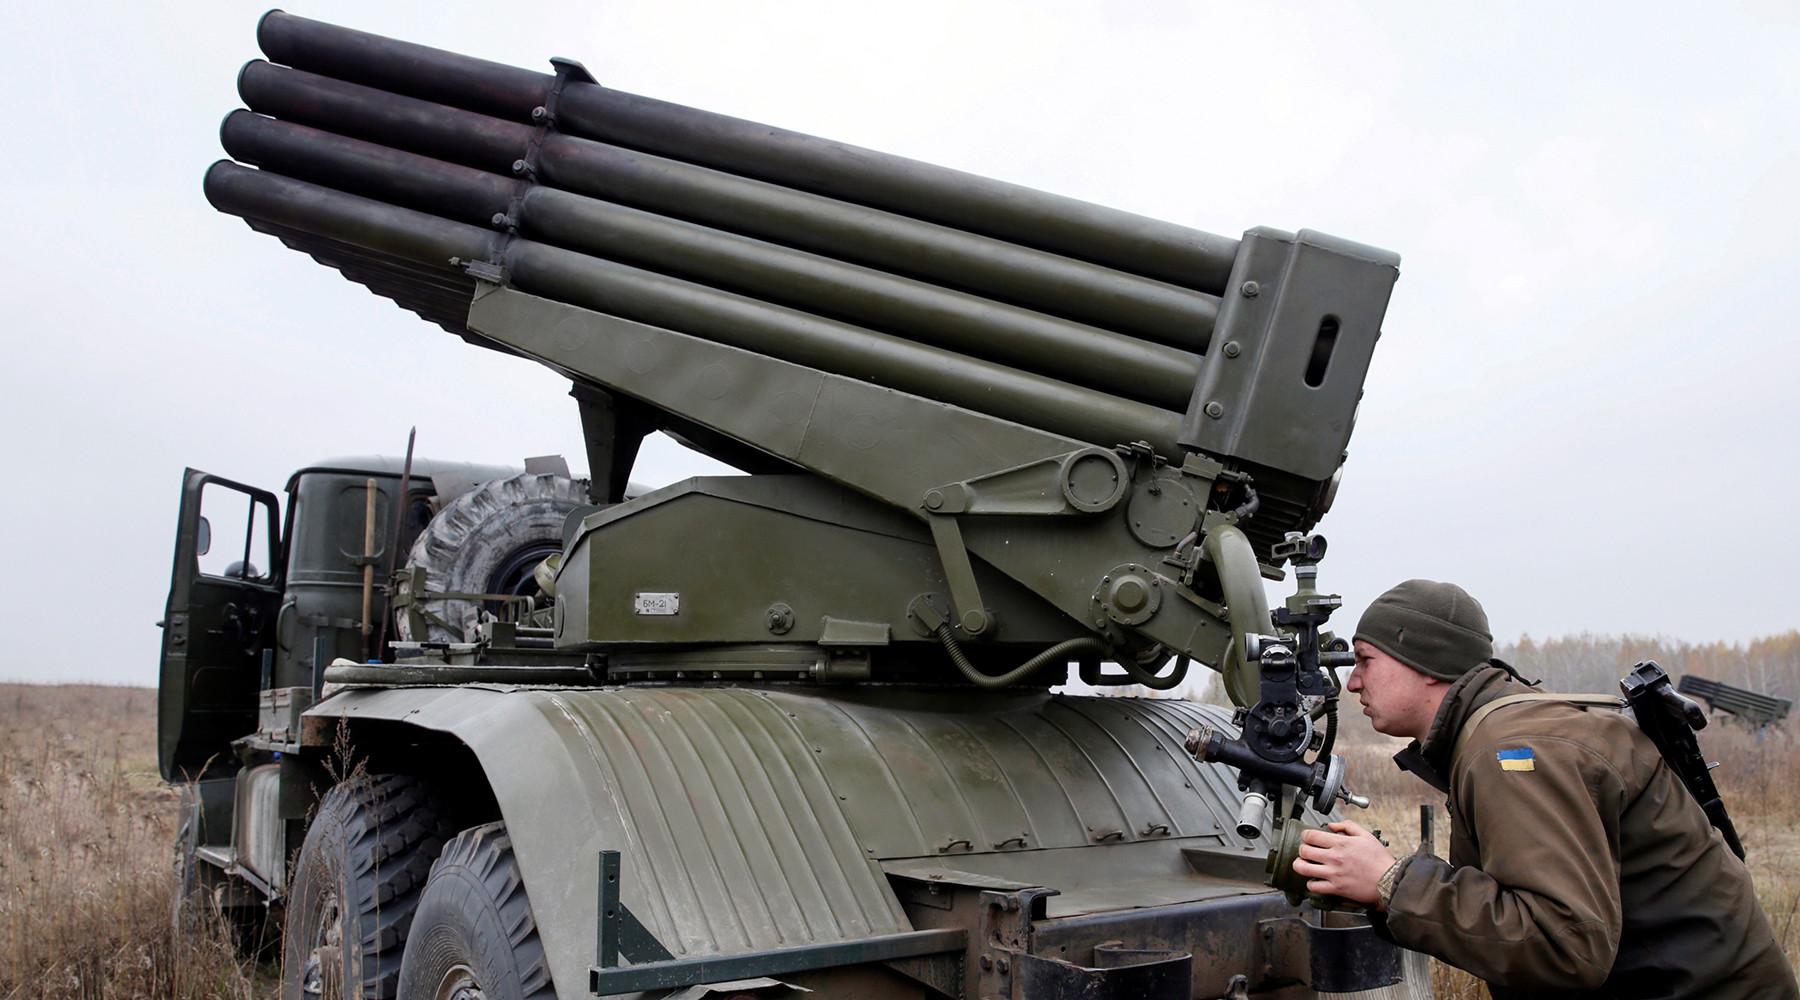 «Пусть вспомнит Дебальцево»: в Донбассе ответили на заявления Порошенко о ракетных войсках